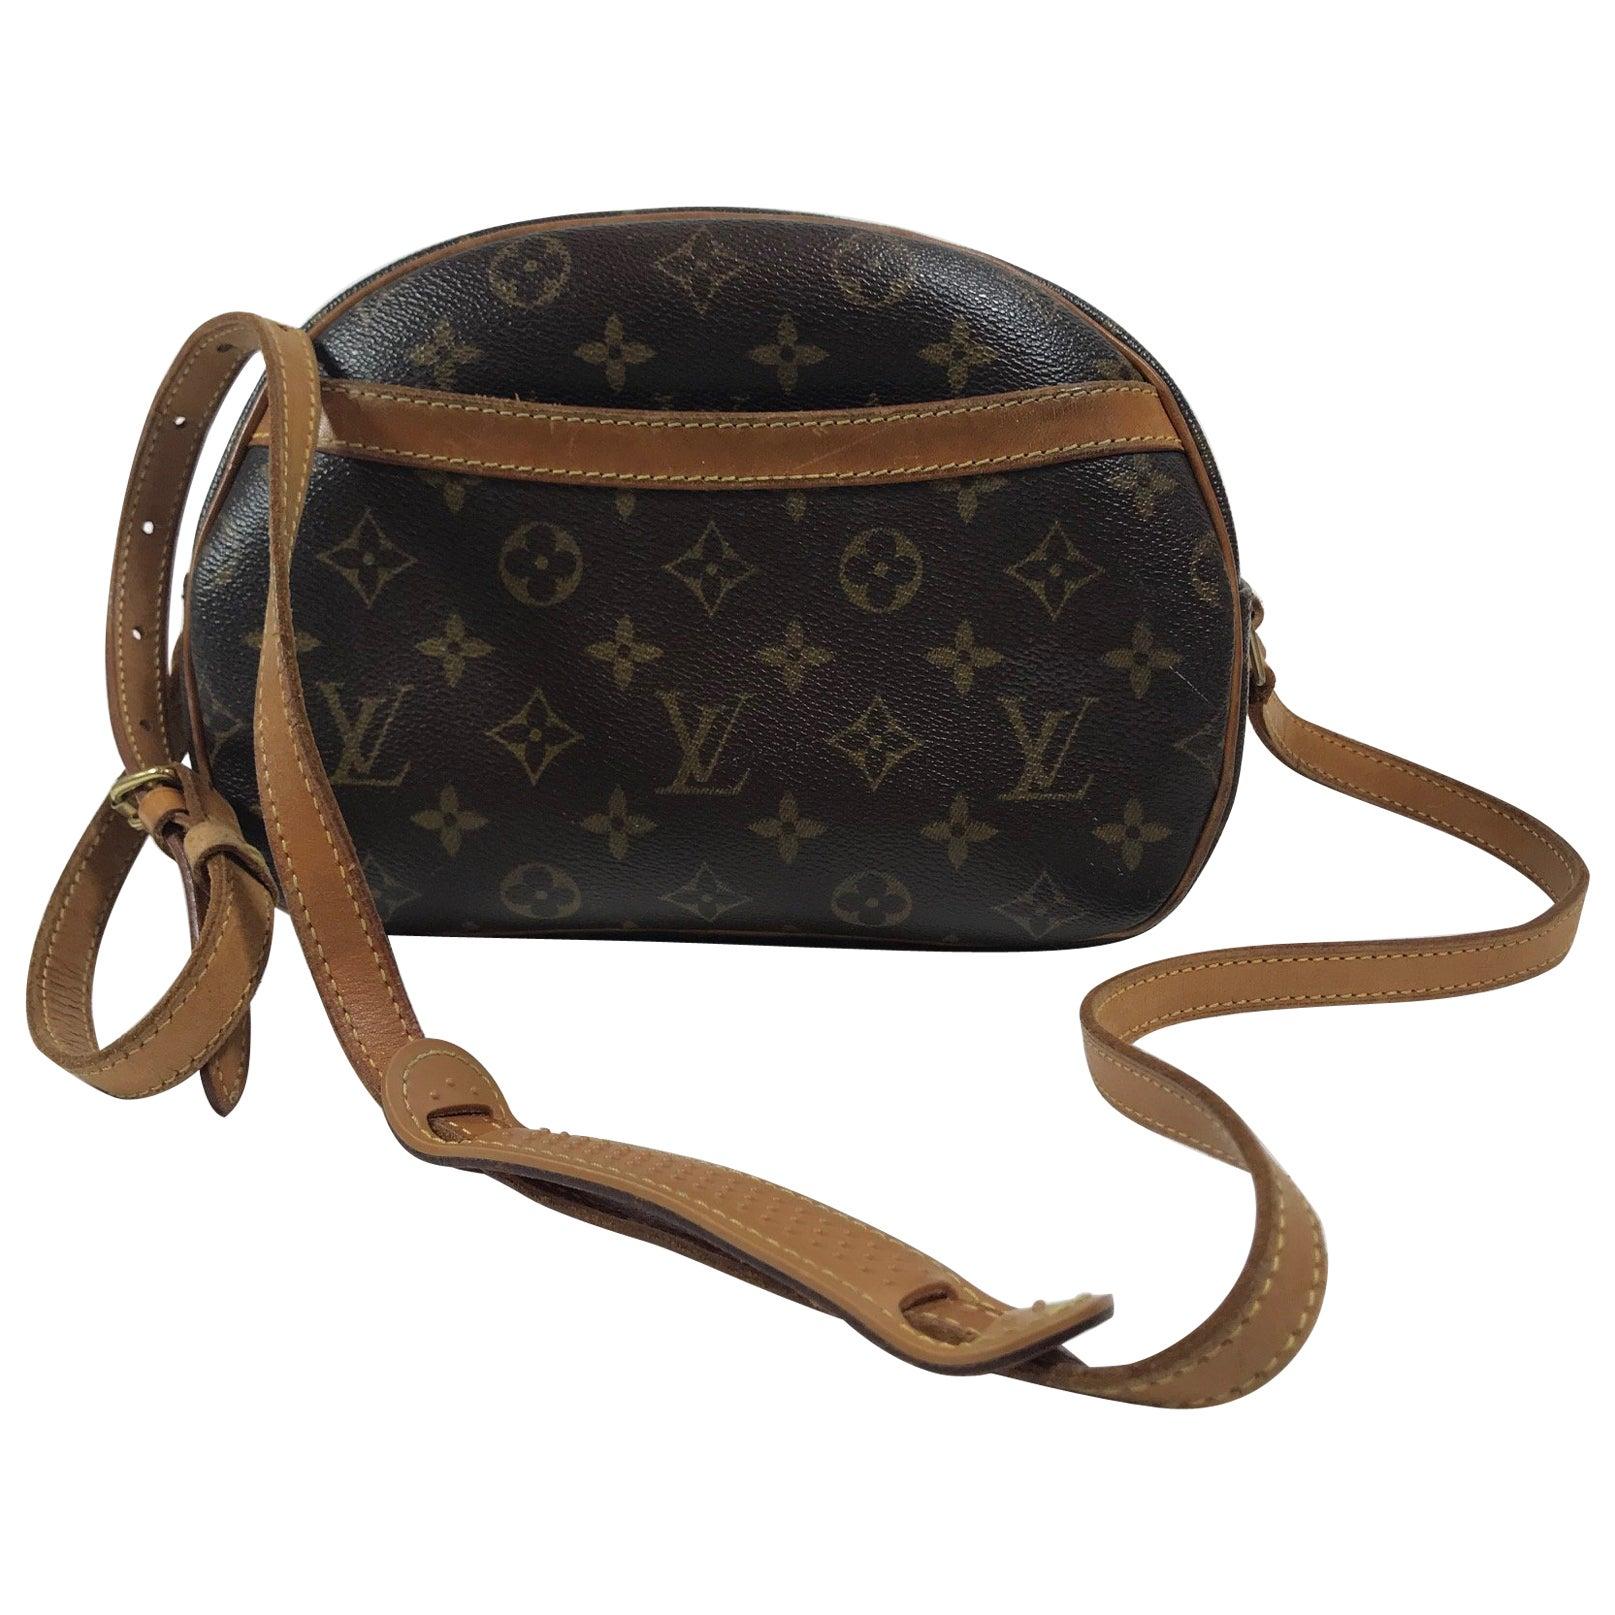 a737c73fa60d Louis Vuitton Monogram Blois Bag For Sale at 1stdibs